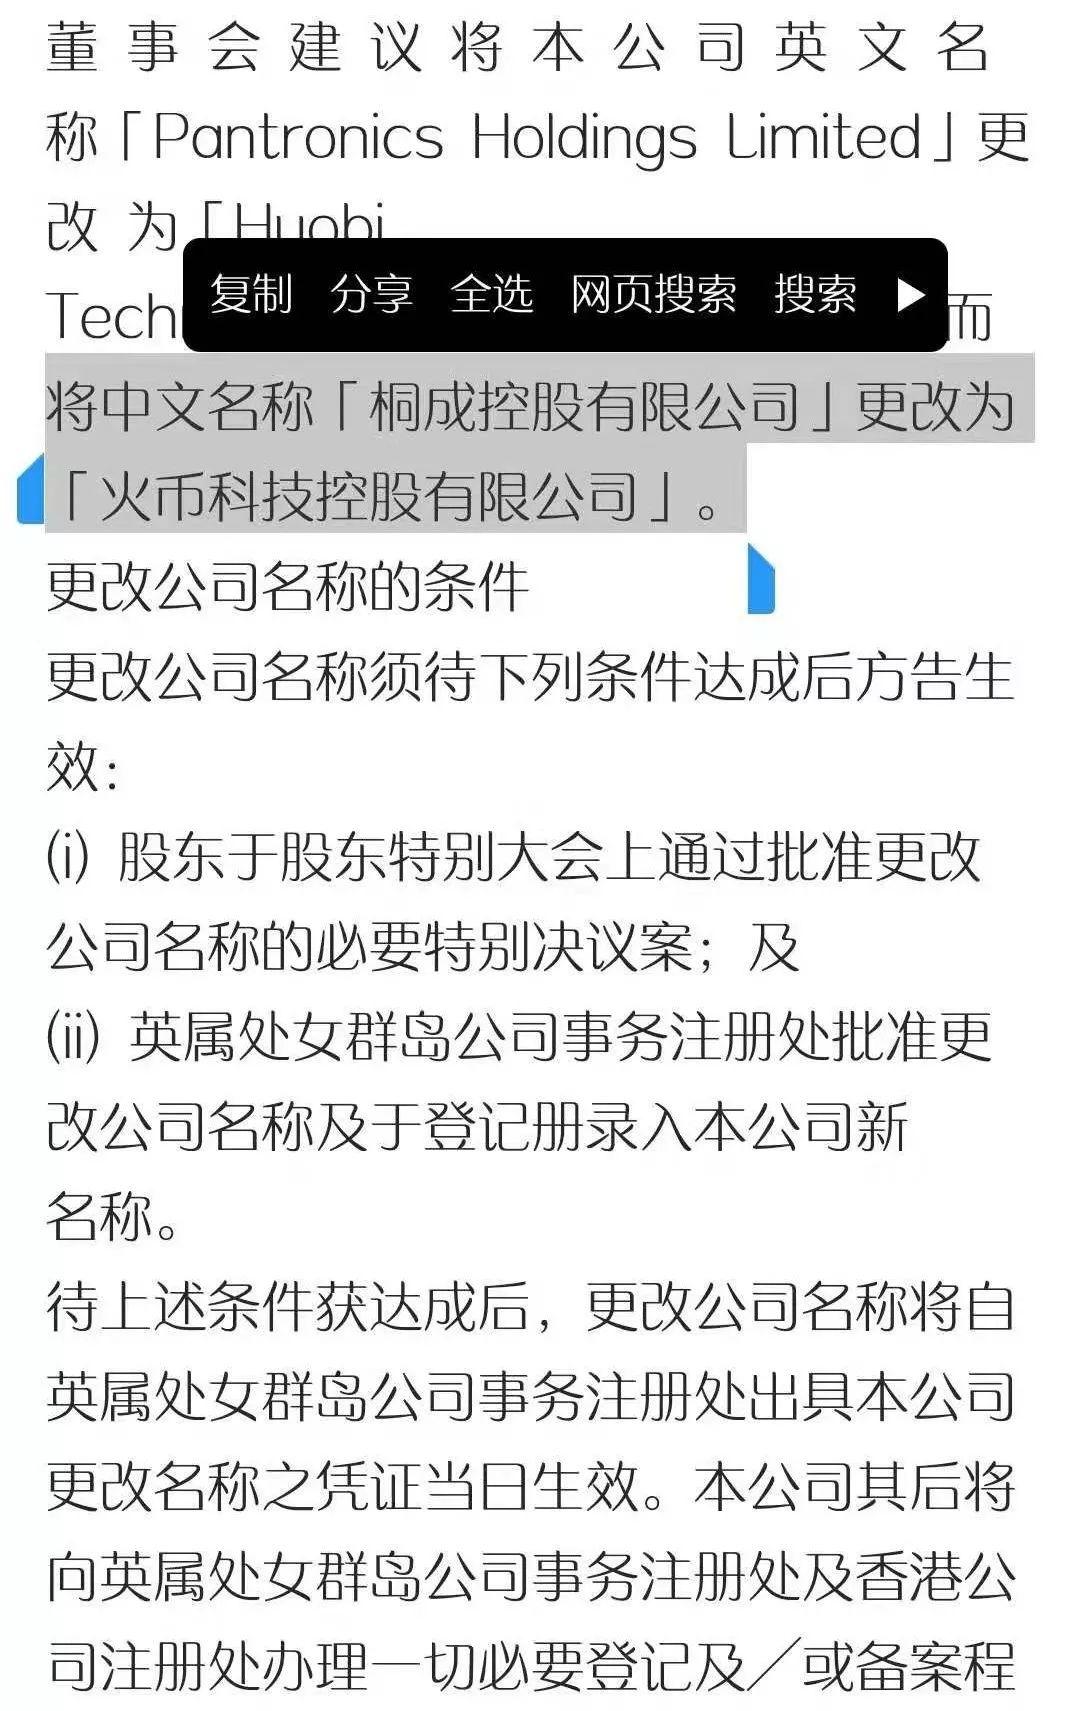 """吉尼斯人国际娱乐大厅,泰国大巴撞护栏致7名中国游客受轻伤!司机称""""早知车辆有问题"""""""